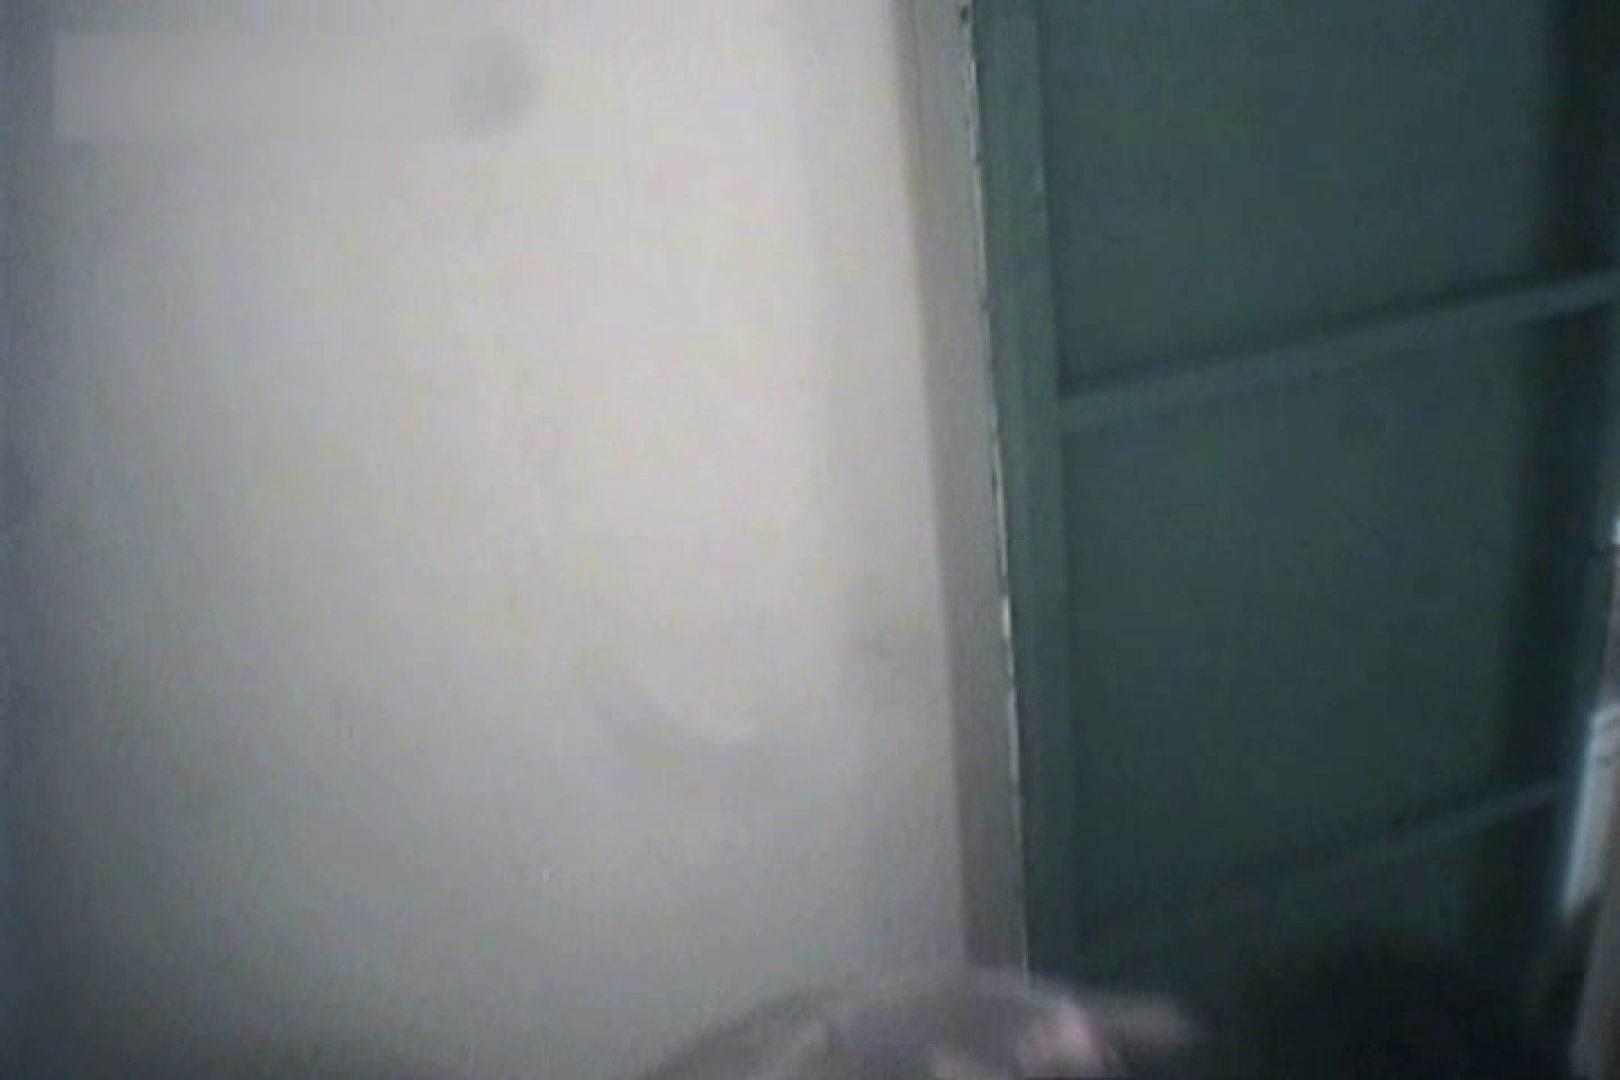 夏海シャワー室!ベトベトお肌をサラサラに!VOL.01 水着 すけべAV動画紹介 55画像 52